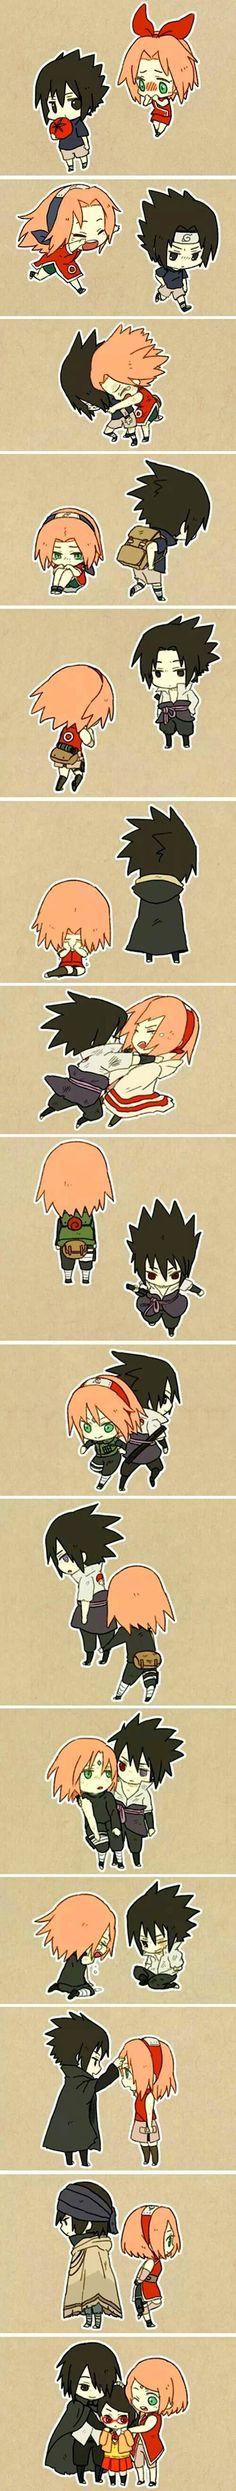 Sasuke and Sakura - Summary story of their love story <3 - Naruto